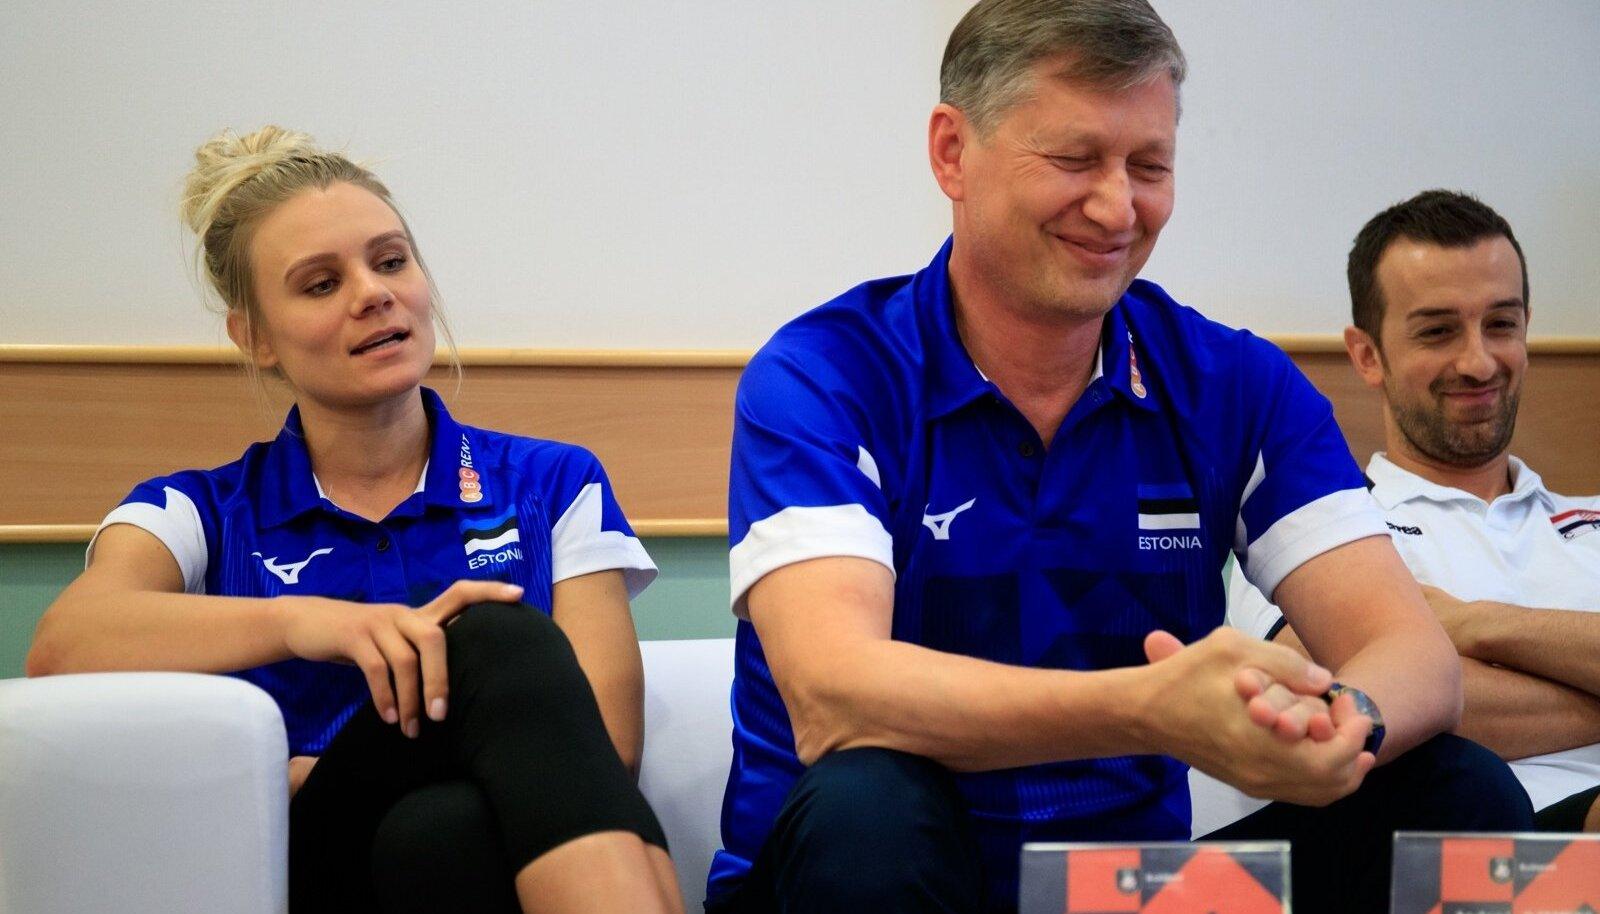 Julija Mõnnakmäe bravuurikas sõnavõtt tundub meeldivat nii Eesti juhendajale Andrei Ojametsale (keskel) kui ka Horvaatia treenerile Daniele Santarellile.